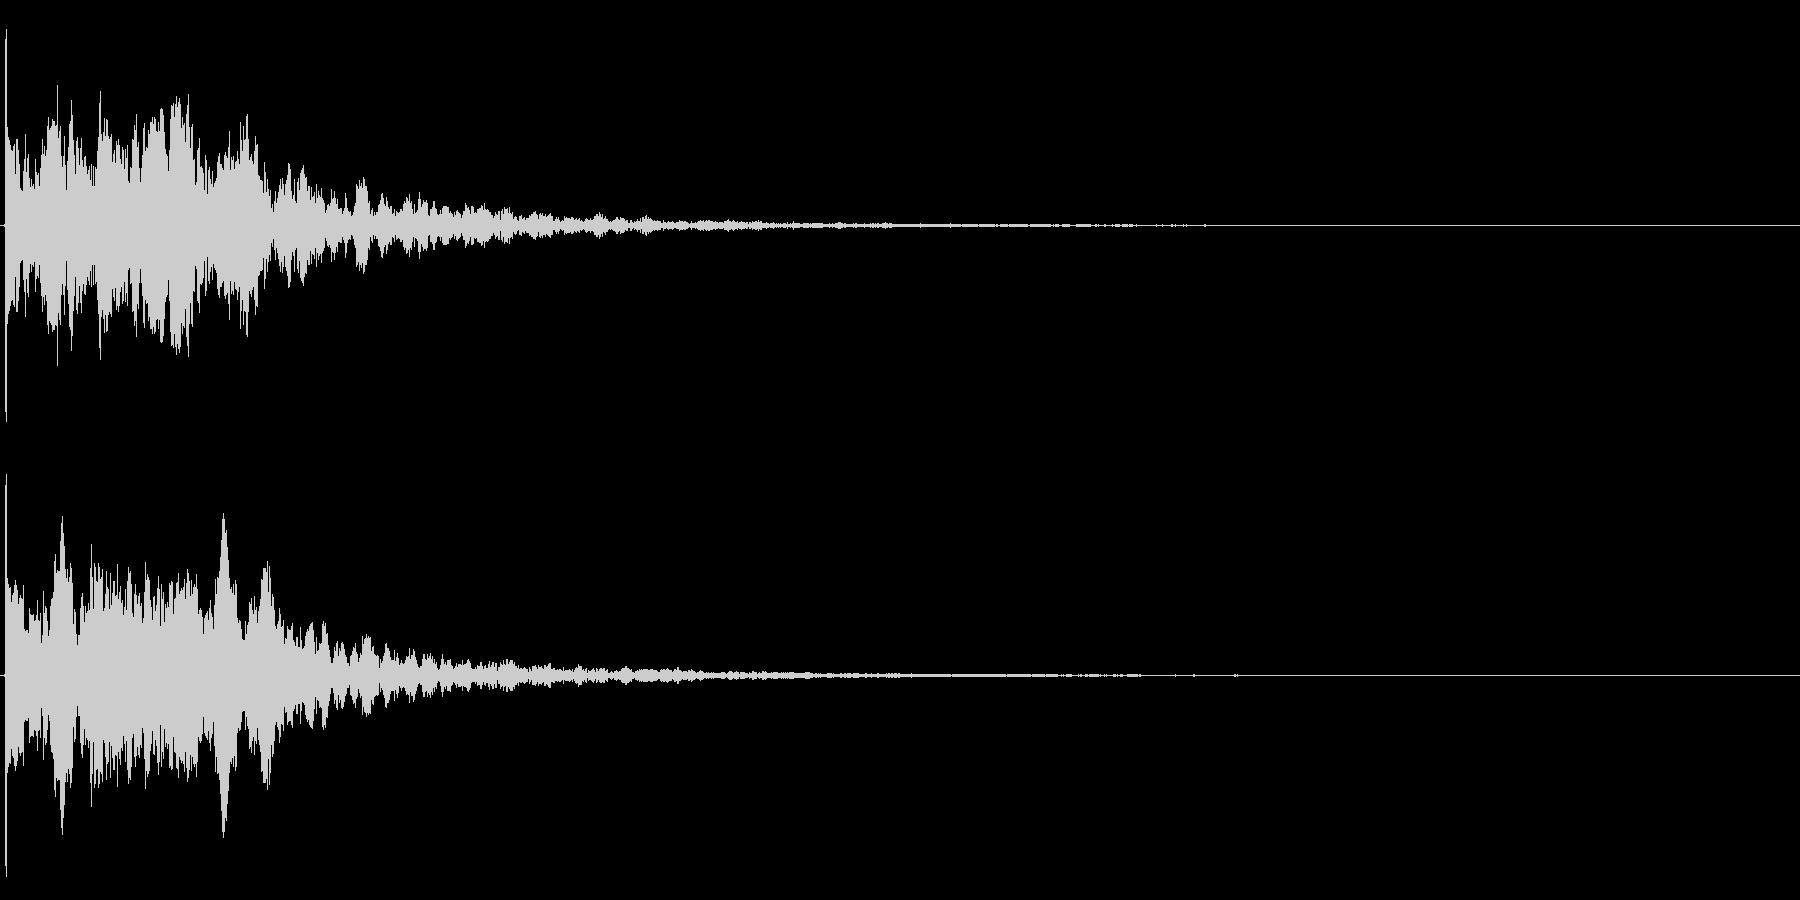 ゲームスタート、決定、ボタン音-158の未再生の波形